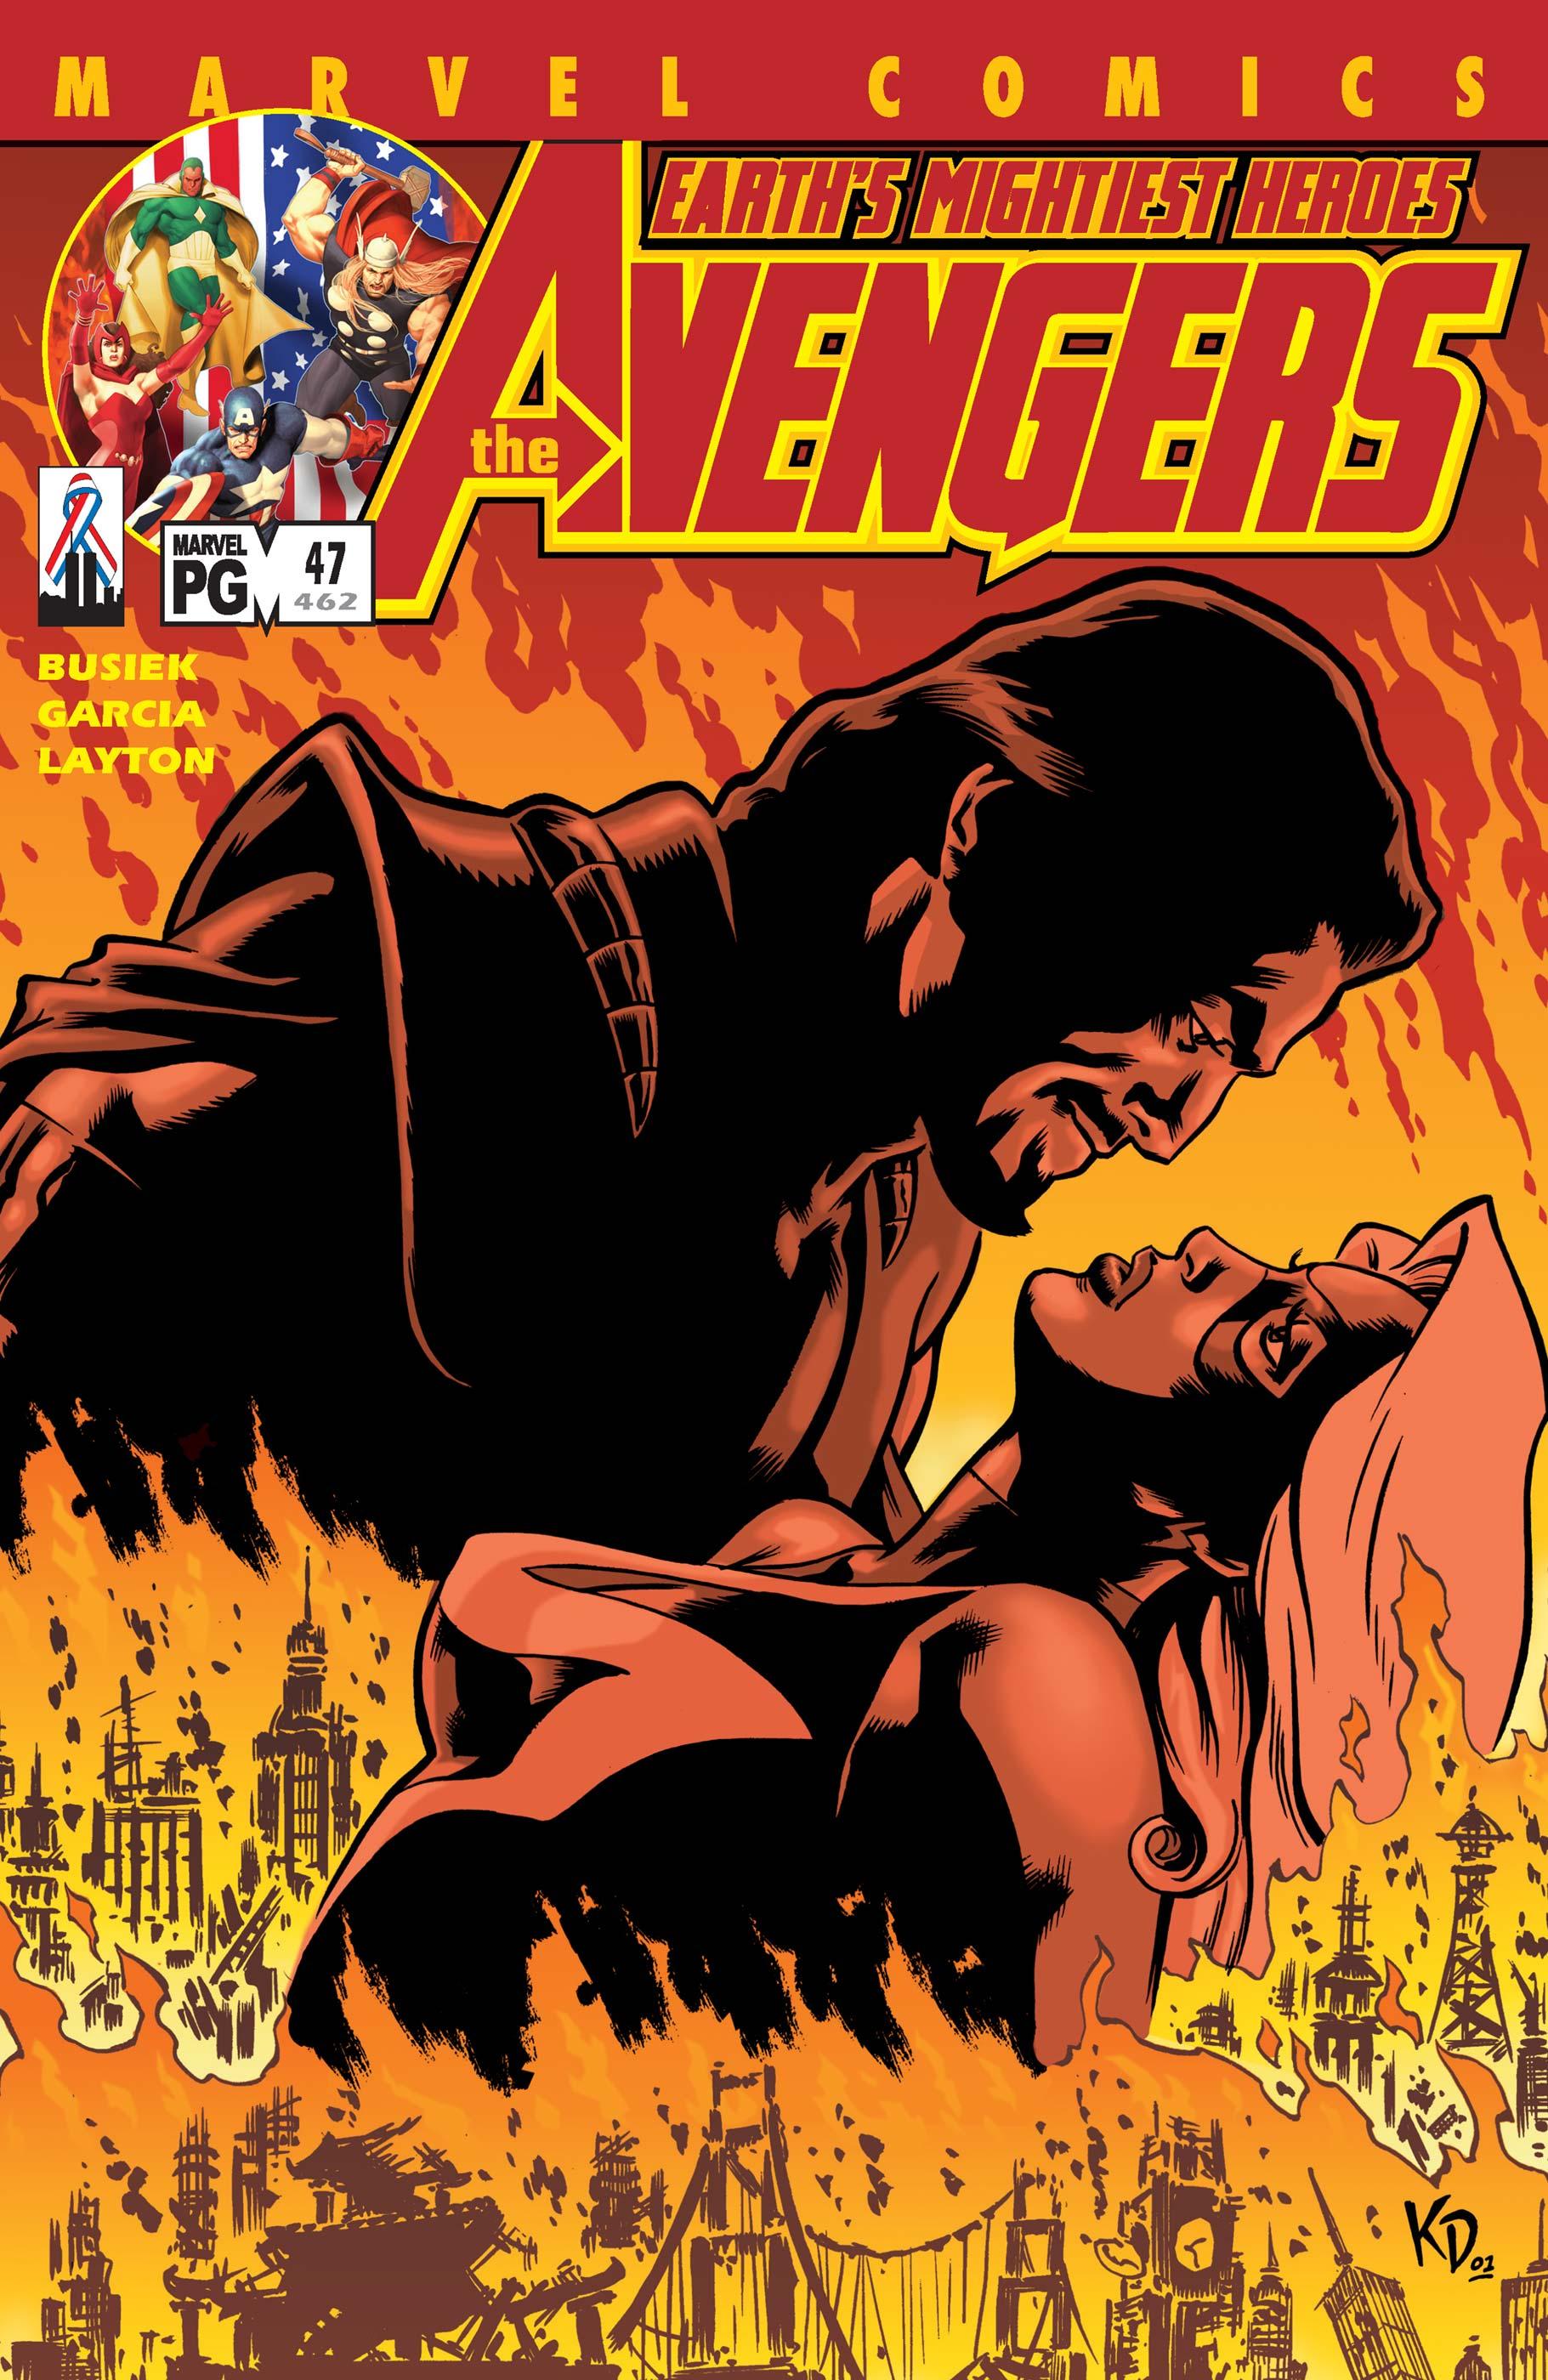 Avengers (1998) #47